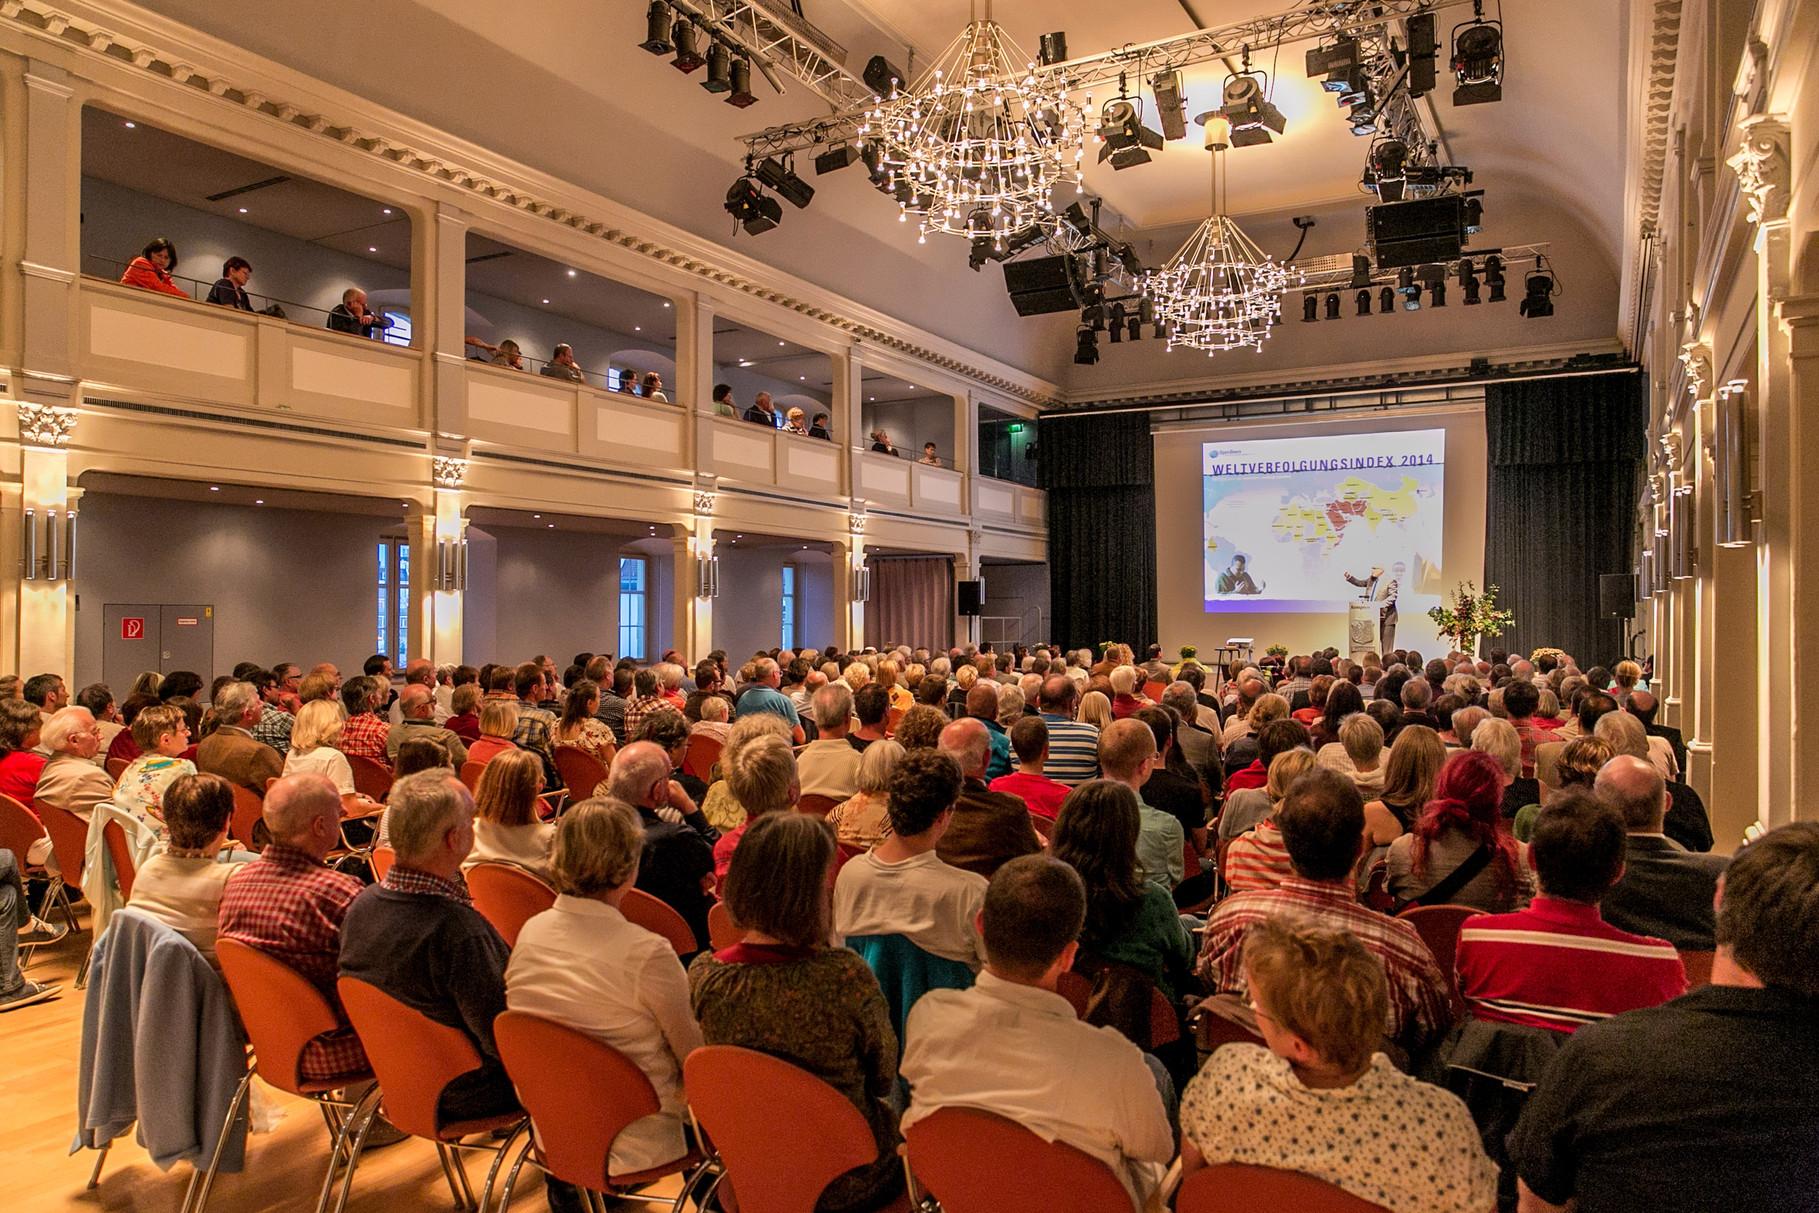 Blick über die Zuschauer im überfüllten Saal